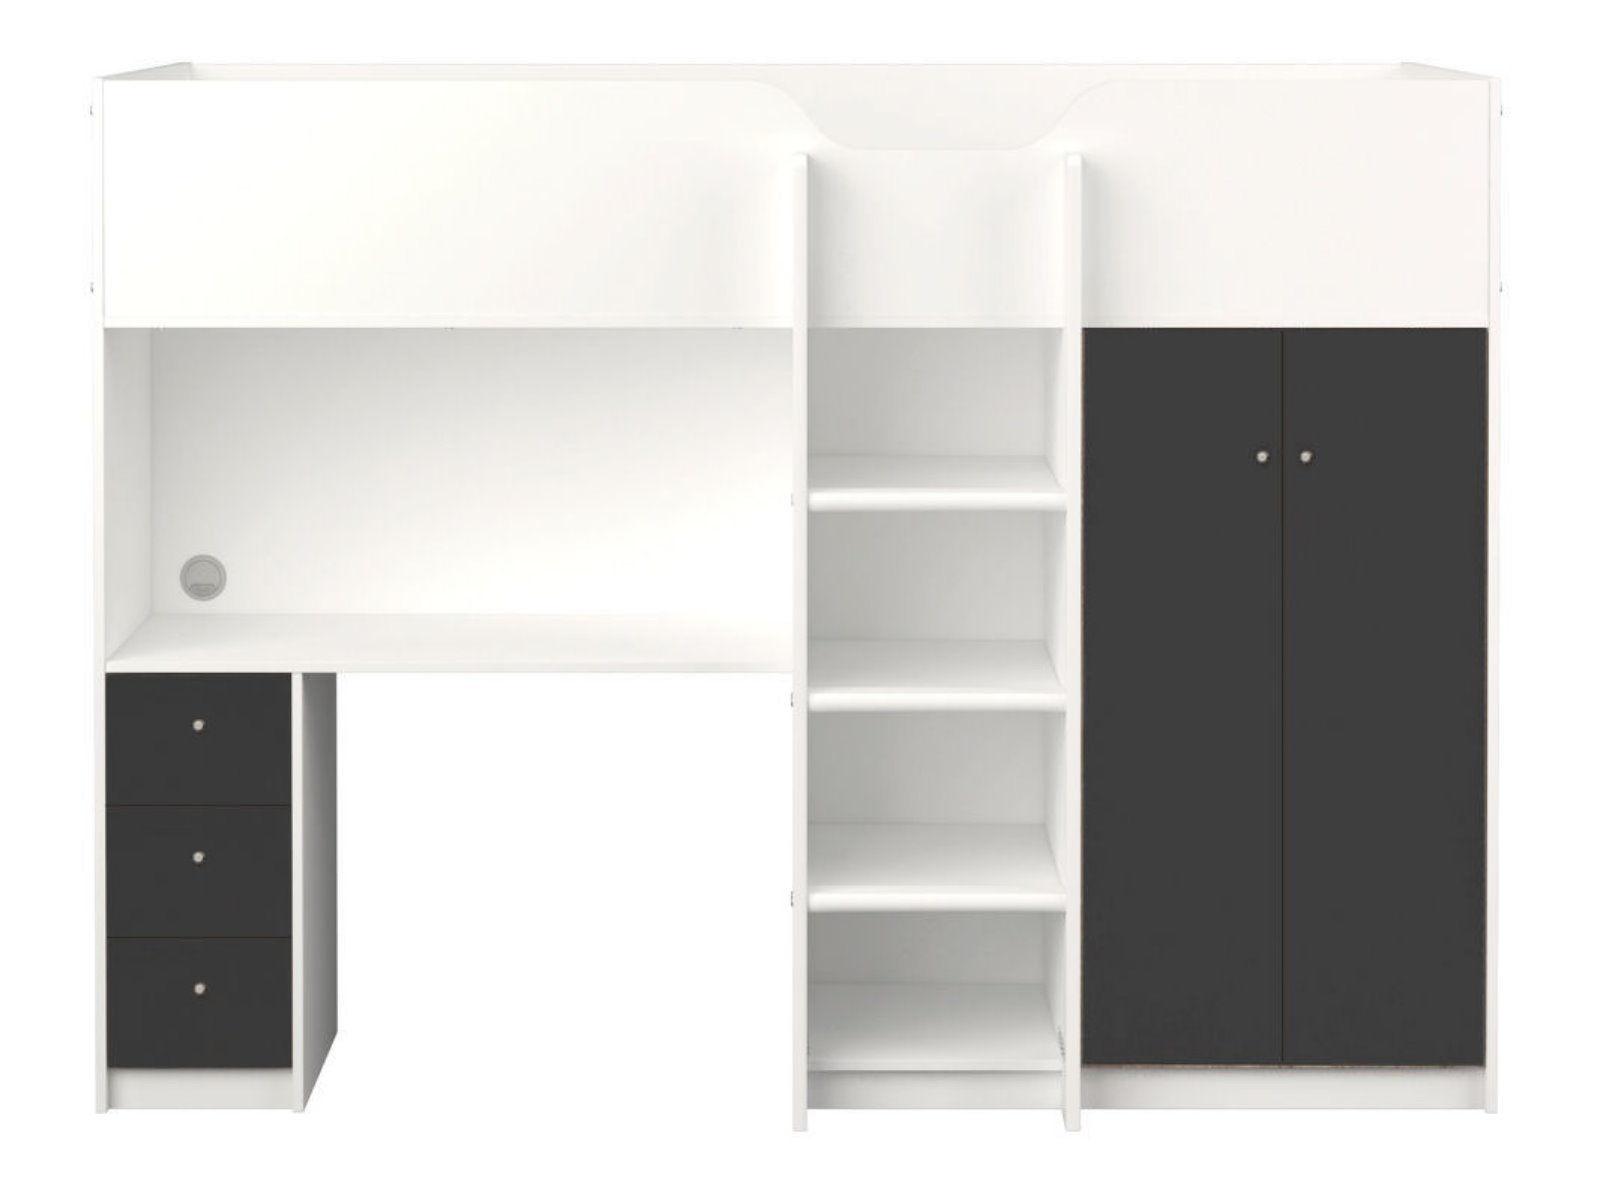 etagenbett irma 90x200 multifunktionsbett mit schreibtisch und schrank wei grau ebay. Black Bedroom Furniture Sets. Home Design Ideas